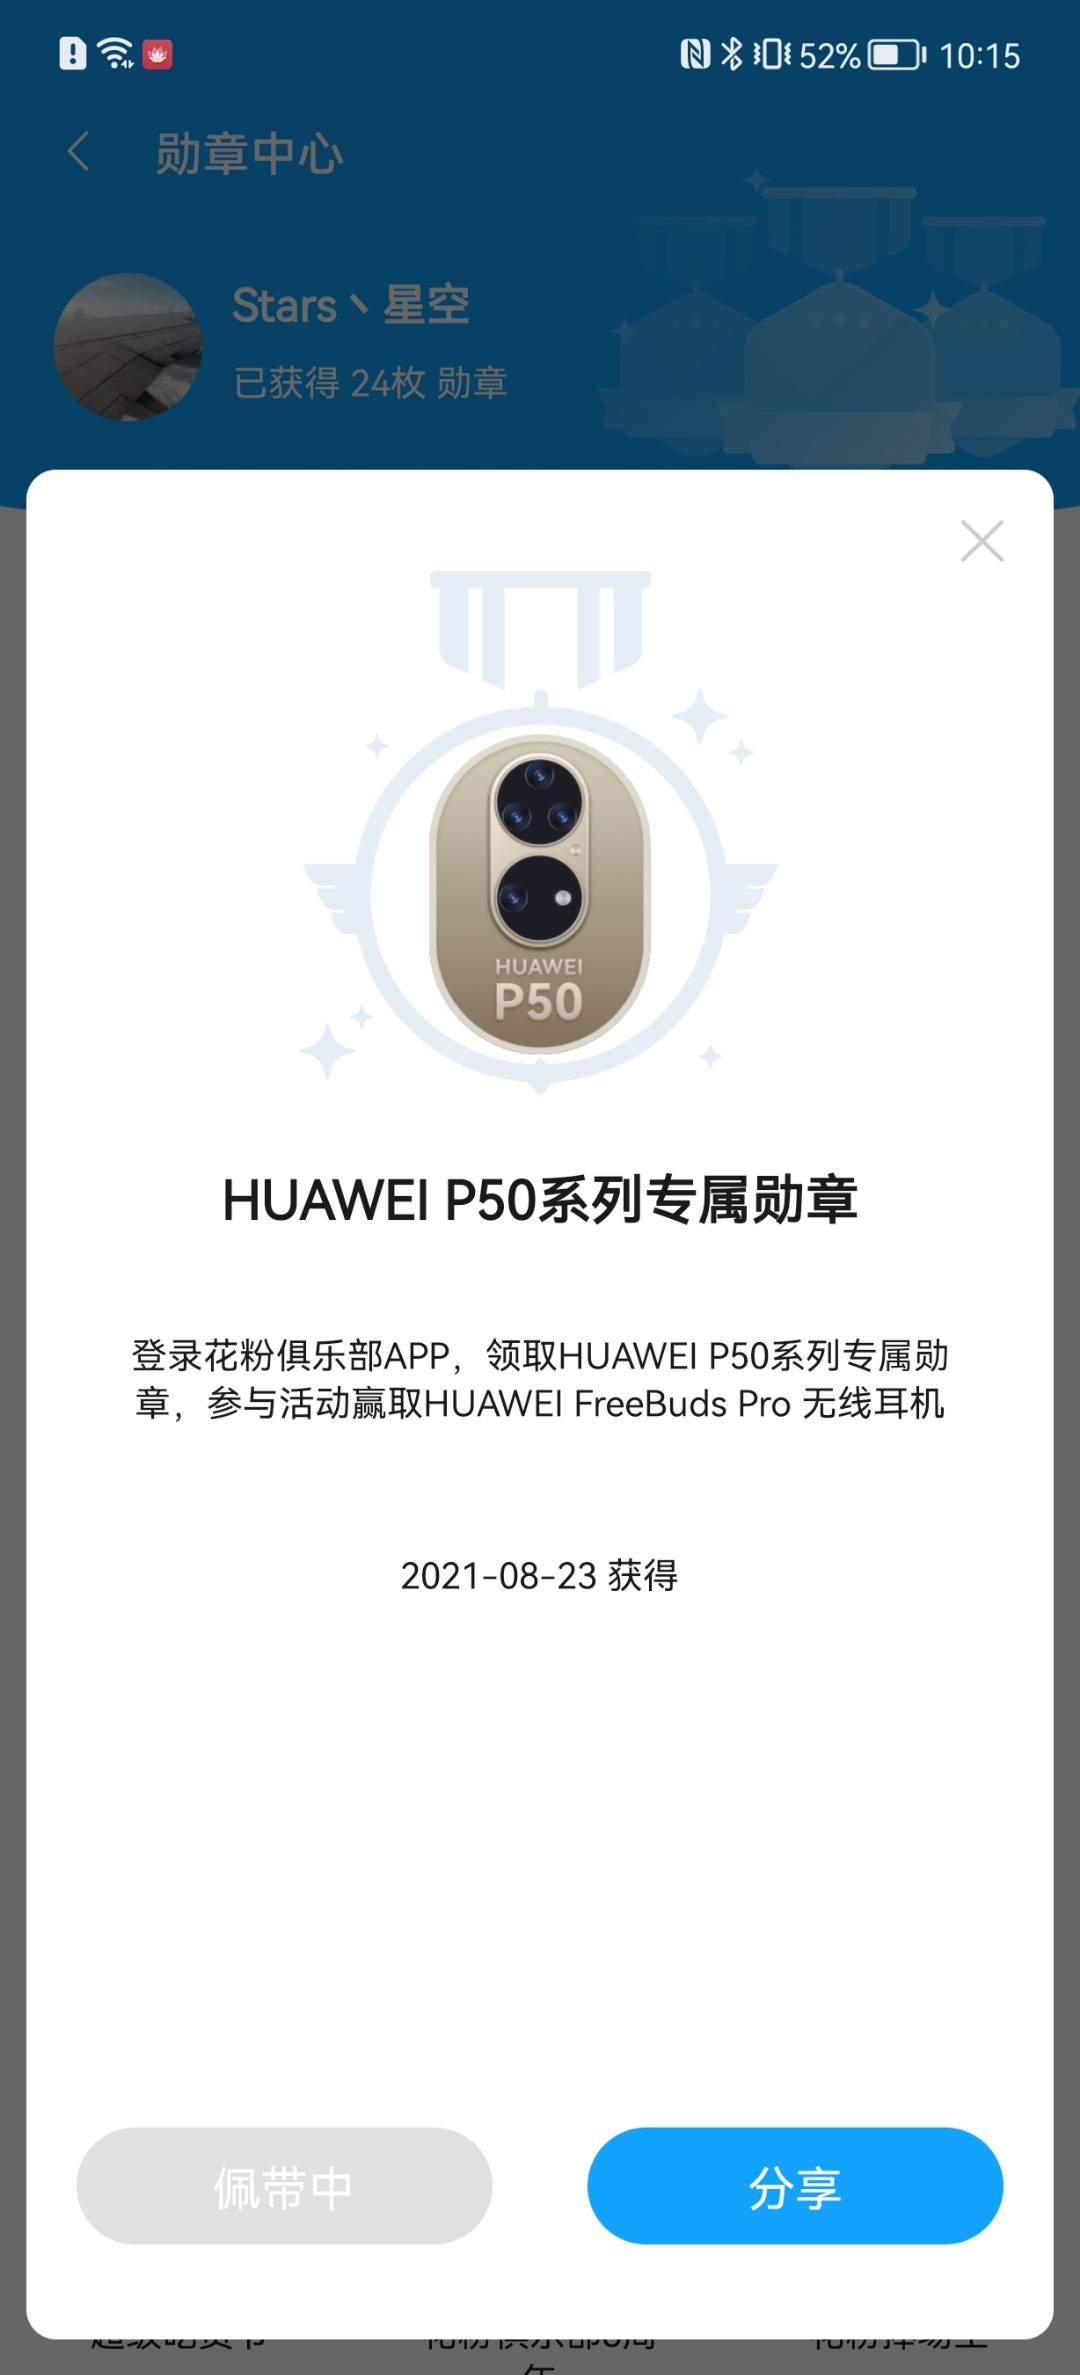 Screenshot_20210823_101527_com.huawei.fans.jpg